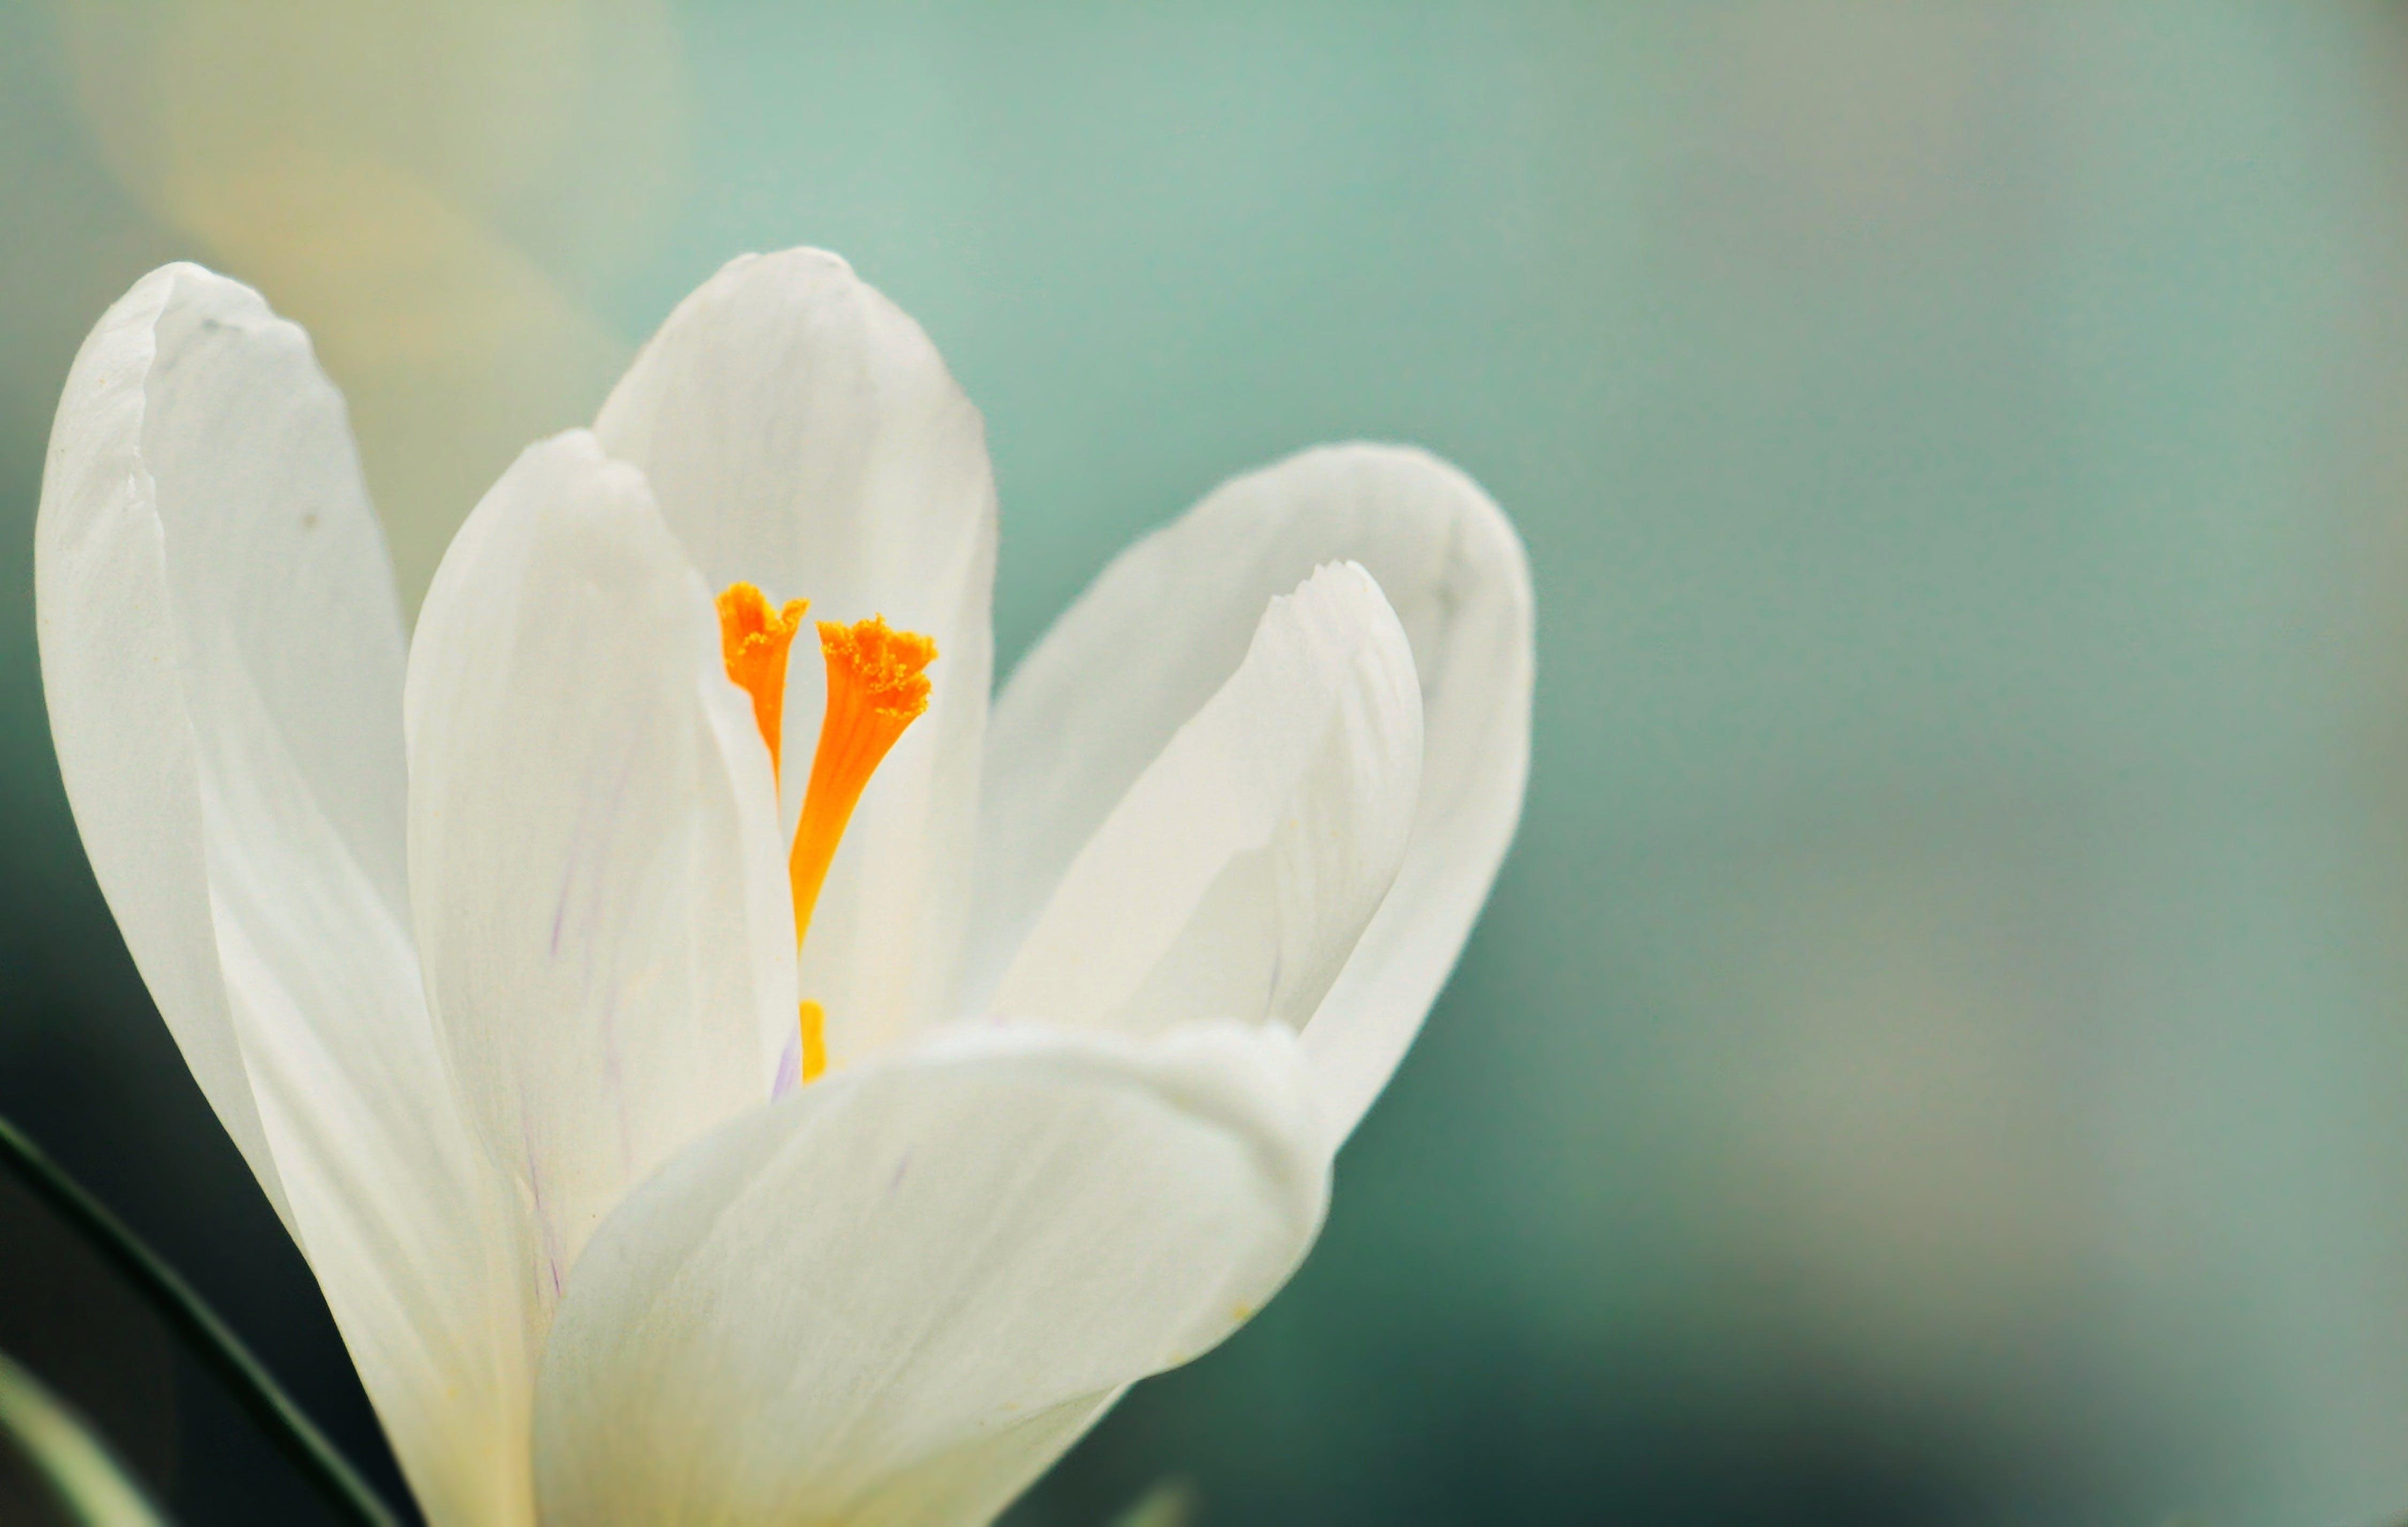 Half-bloomed White Flower